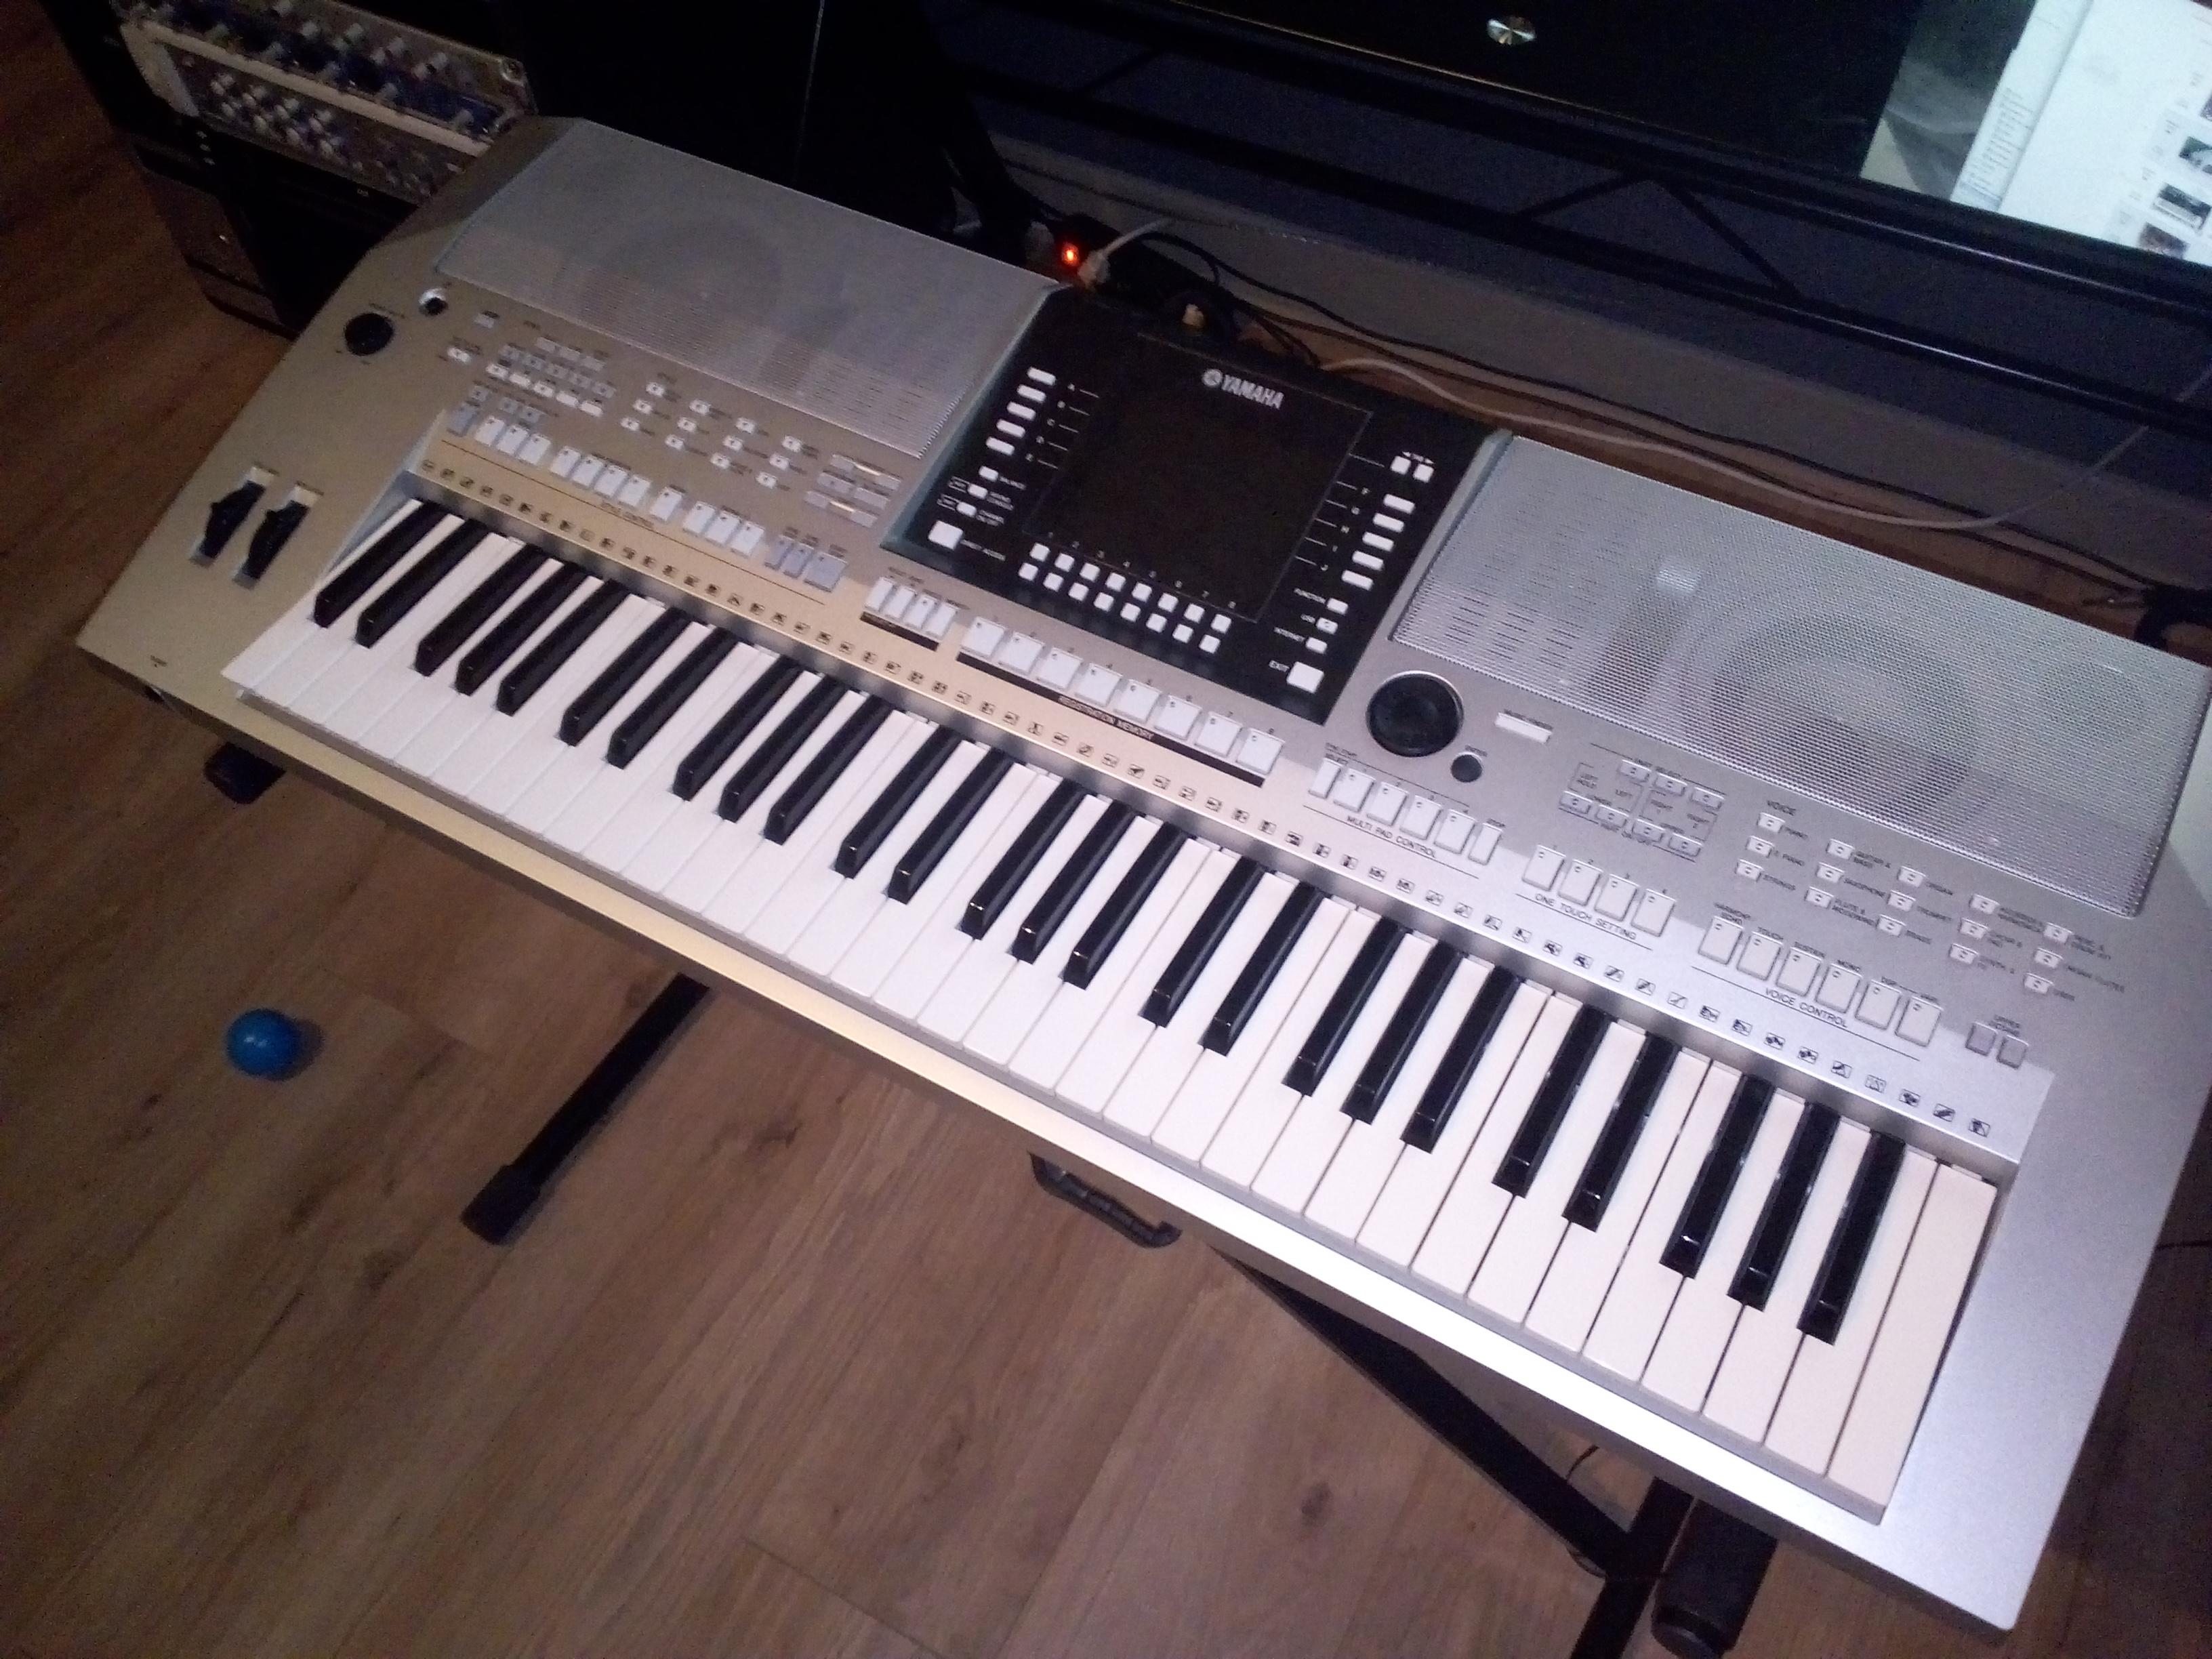 Psr s910 yamaha psr s910 audiofanzine for Yamaha psr s